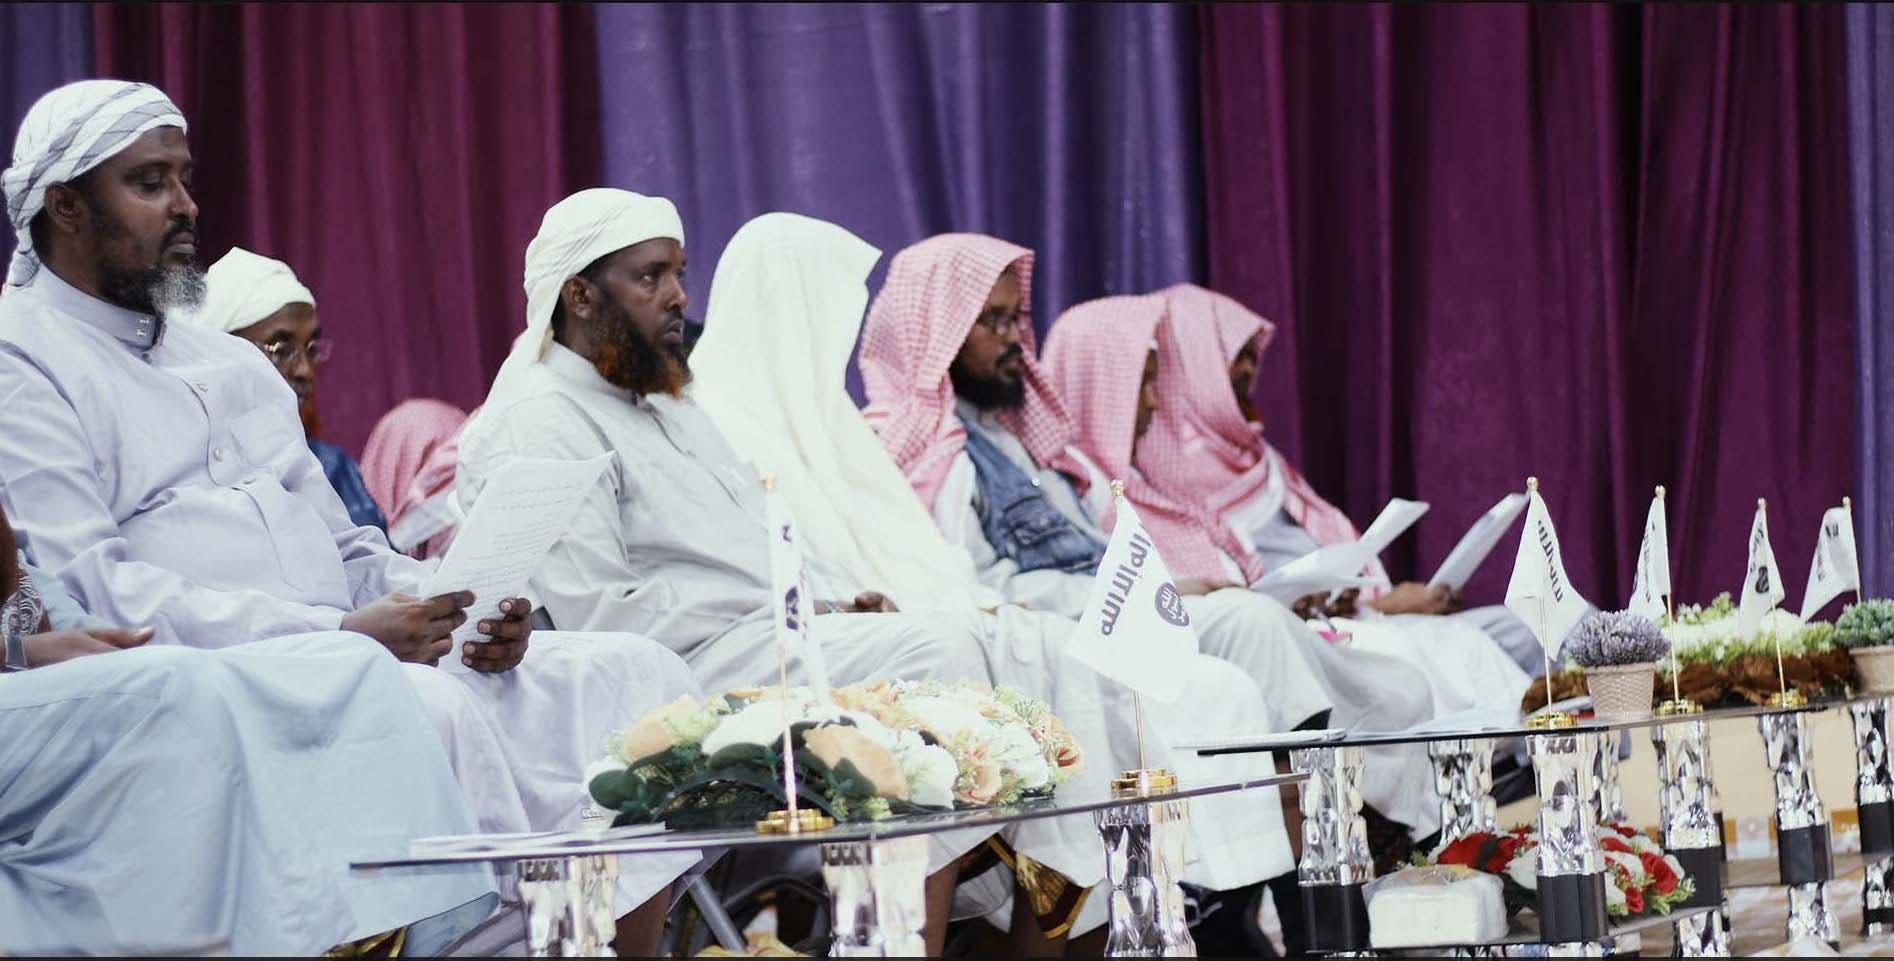 Al-Shabab oo xukuno kala duwan ku fulisay 3-qof + Eedeymaha loo heysto